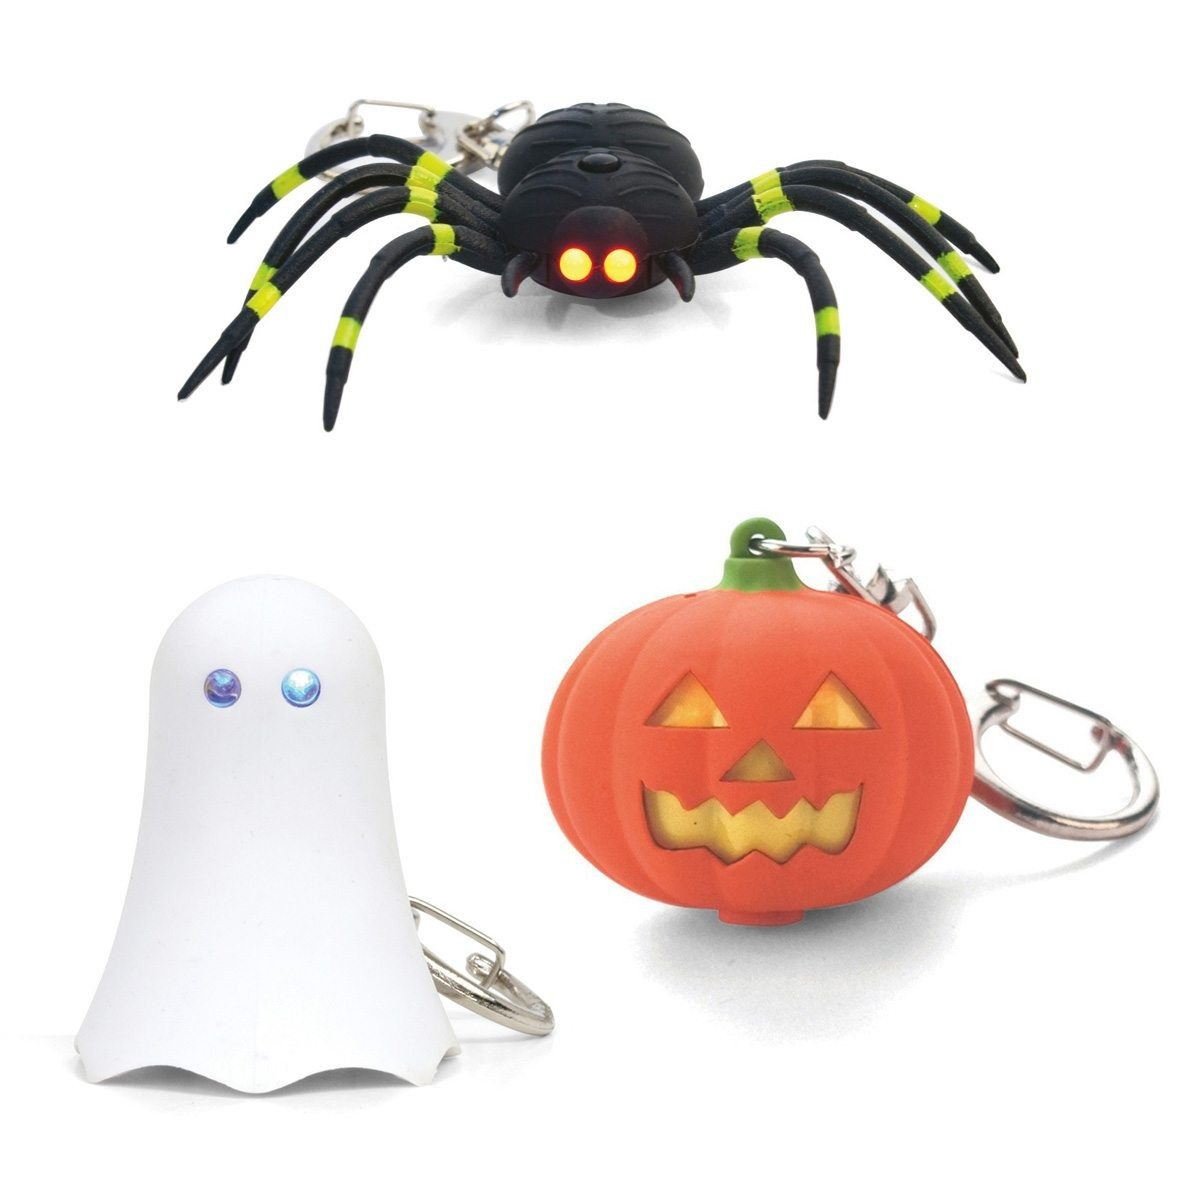 Gruseliger LED Schlüsselanhänger Kürbis verpackt